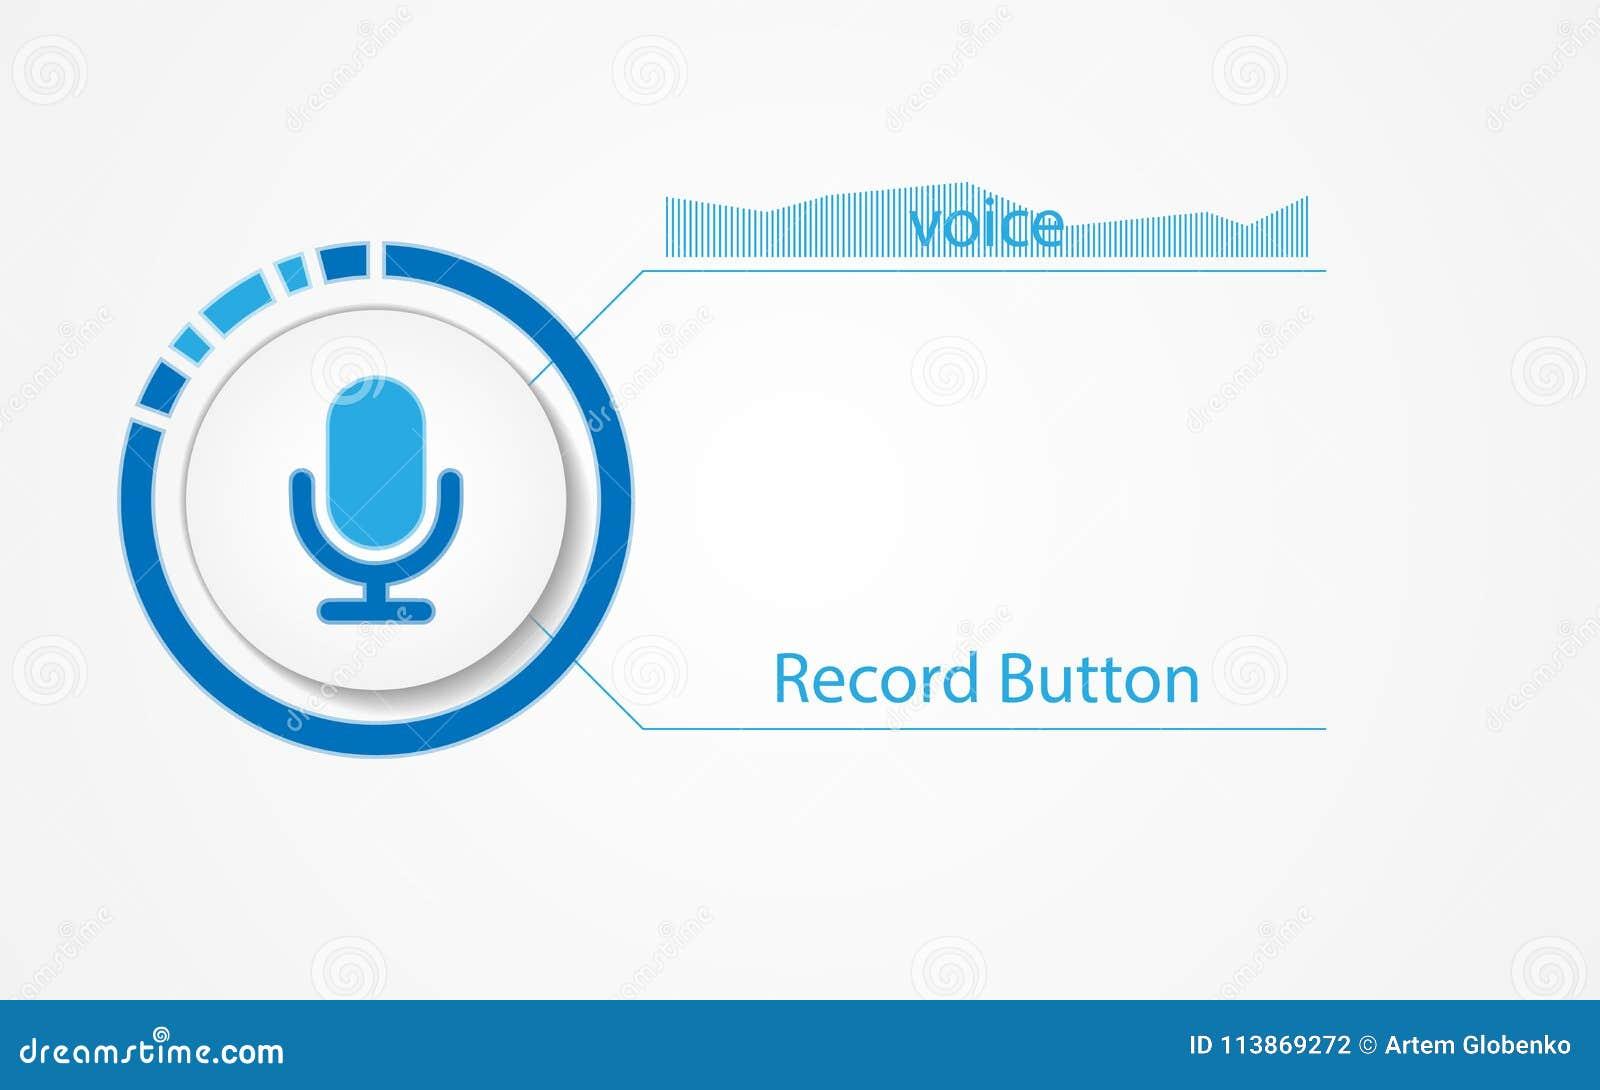 Διανυσματικό κουμπί για τη διεπαφή του προγράμματος υγιούς καταγραφής